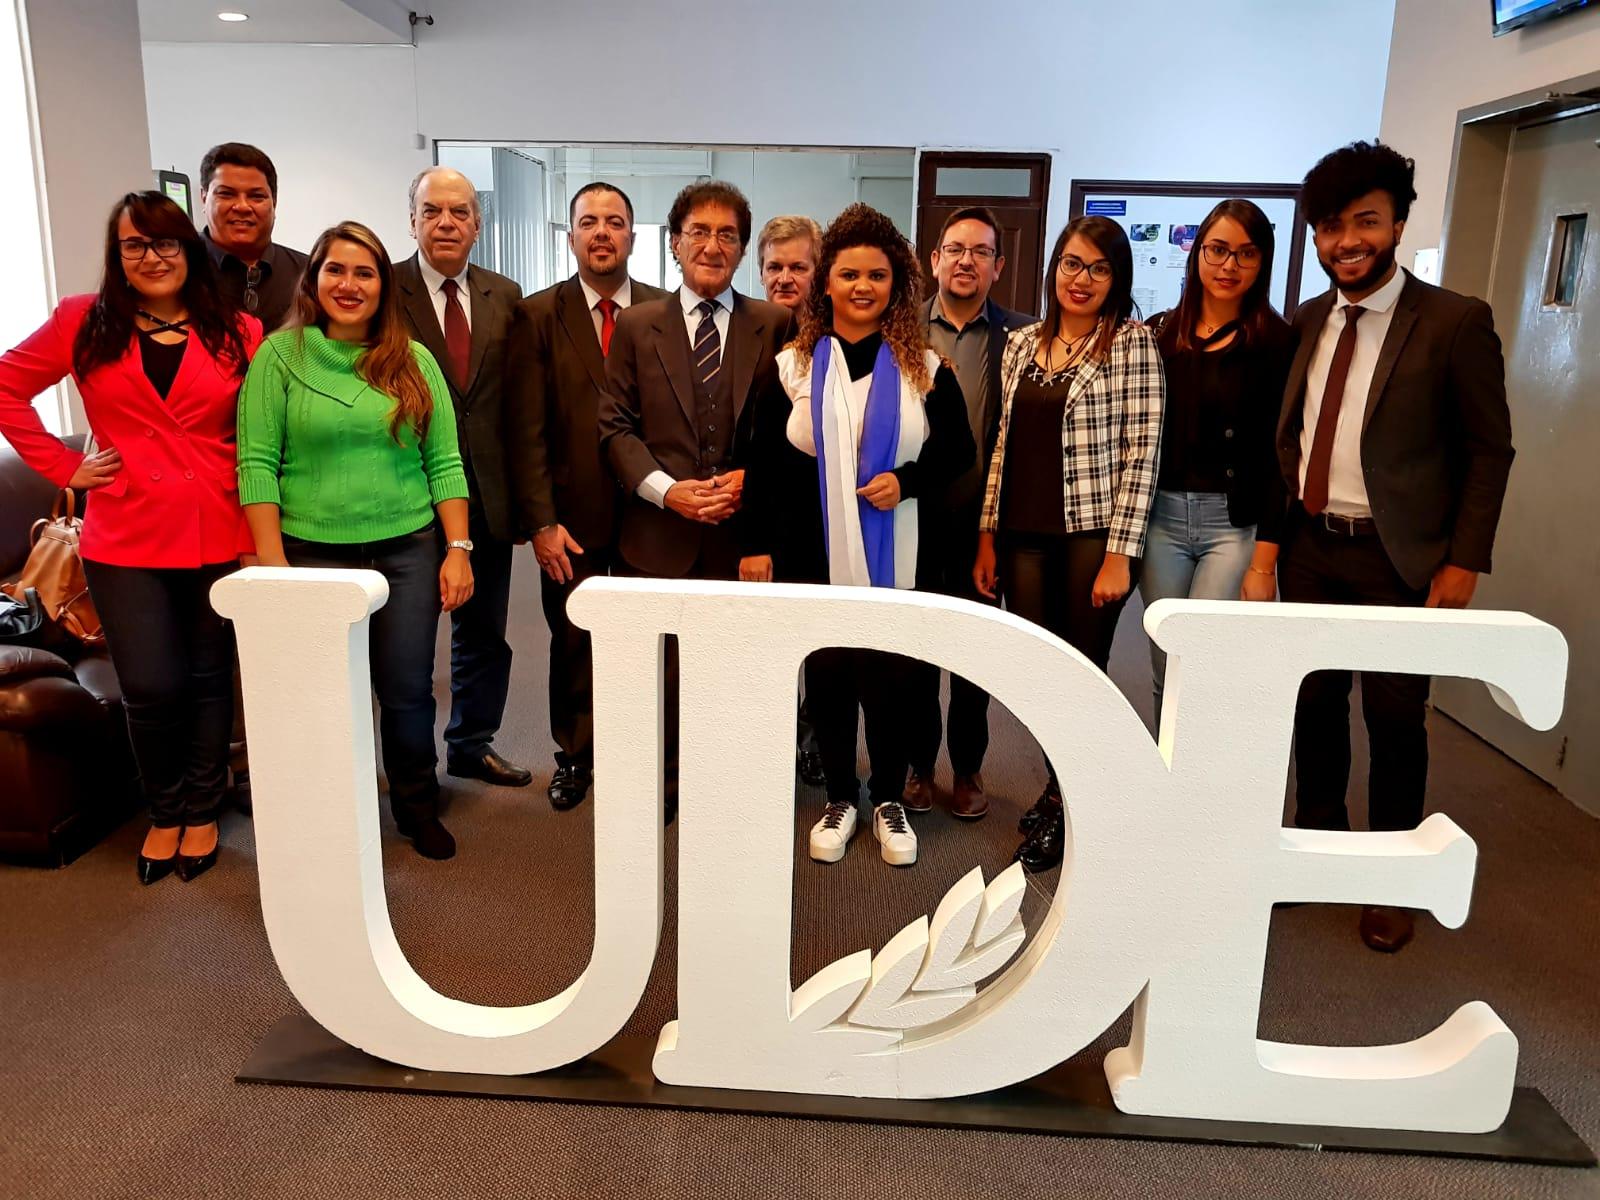 Convenio de cooperación<br> LS Educacional de Brasil